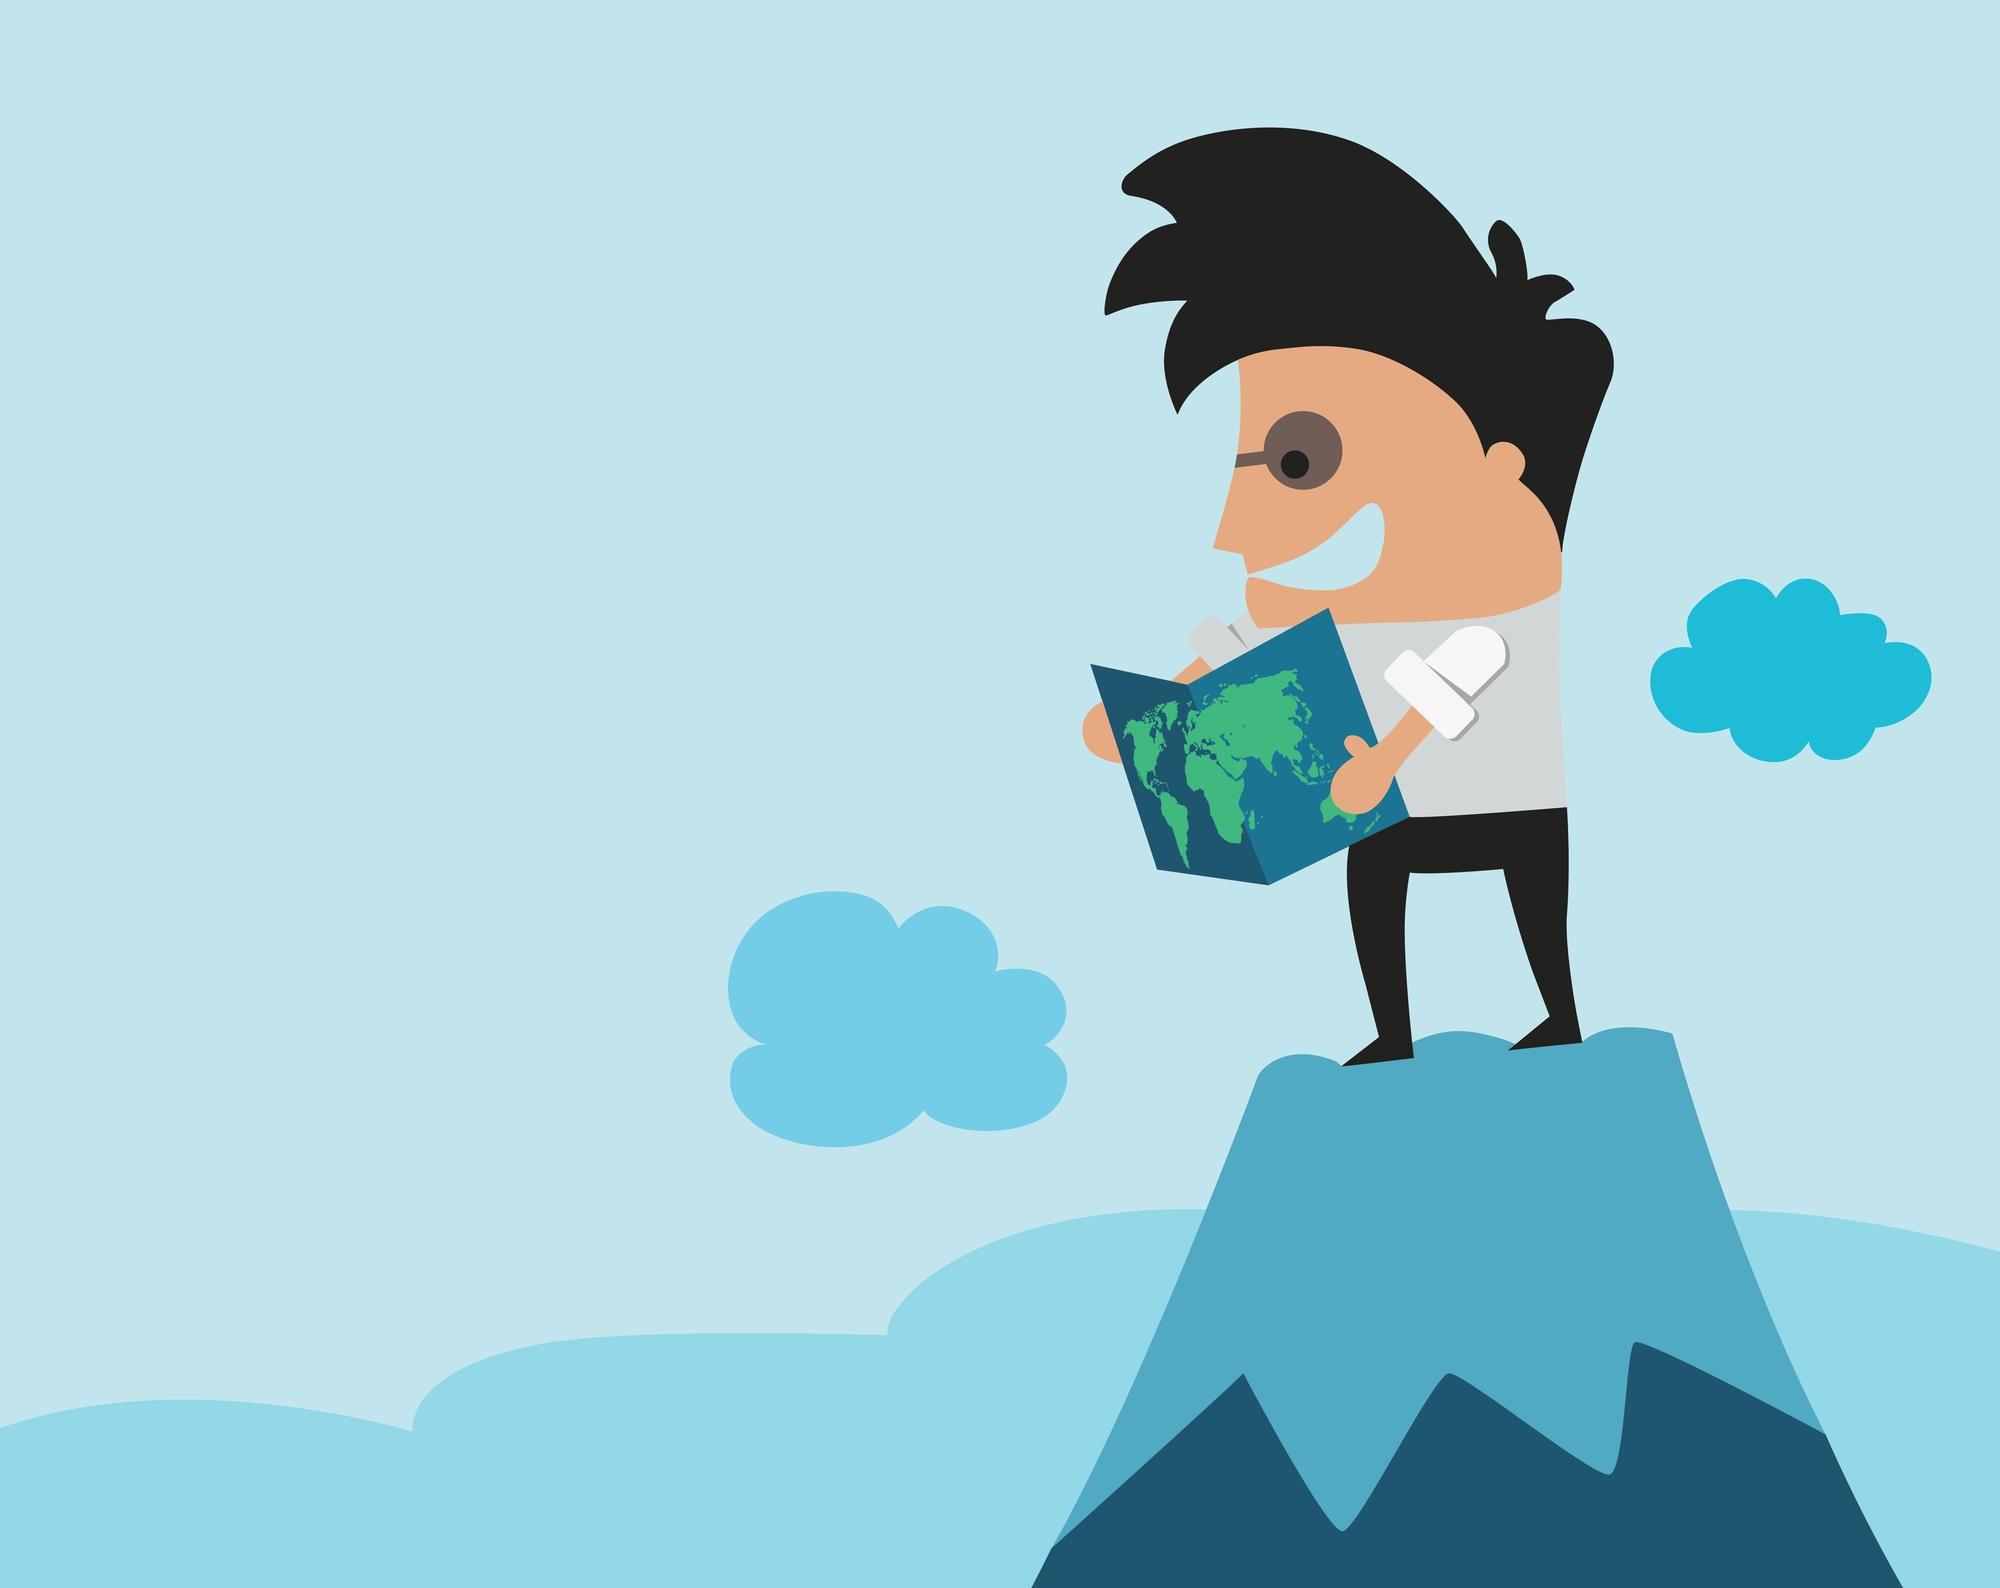 Вы хотите сделать бизнес международным. В какой стране лучше открывать первый филиал